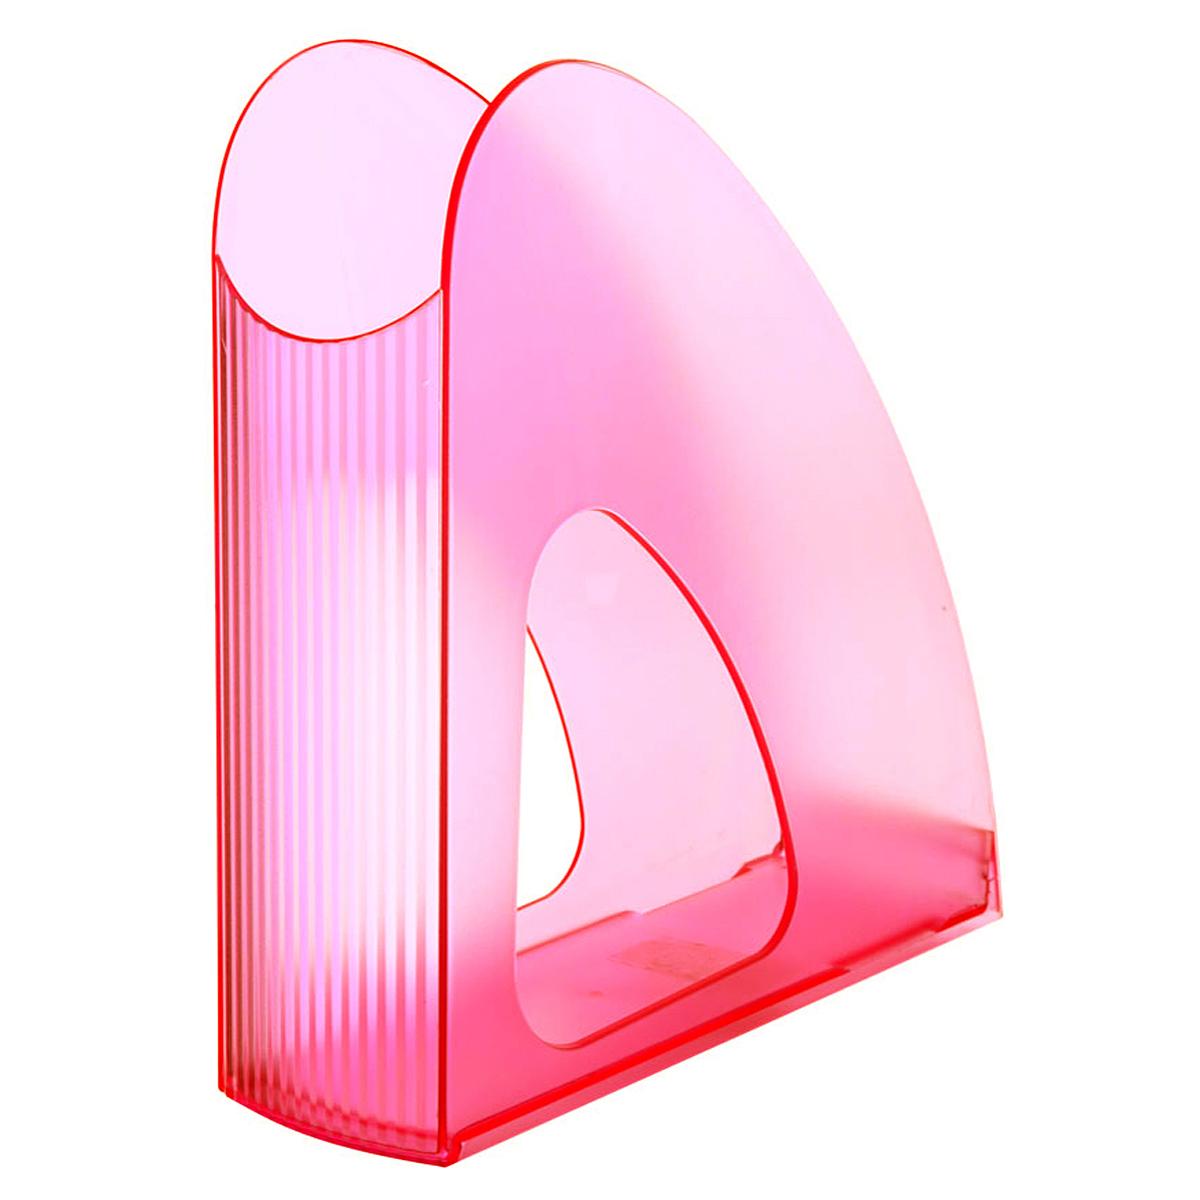 Лоток для бумаг вертикальный HAN Twin Signal, прозрачный, цвет: розовыйHA16110/76Вертикальный лоток для бумаг HAN Twin Signal с оригинальным дизайном корпуса поможет вам навести порядок на столе и сэкономить пространство. Лоток изготовлен из прозрачного антистатического пластика яркого цвета. Низкий передний порог облегчает изъятие документов из накопителя. Благодаря лотку для бумаг, важные бумаги и документы всегда будут под рукой.